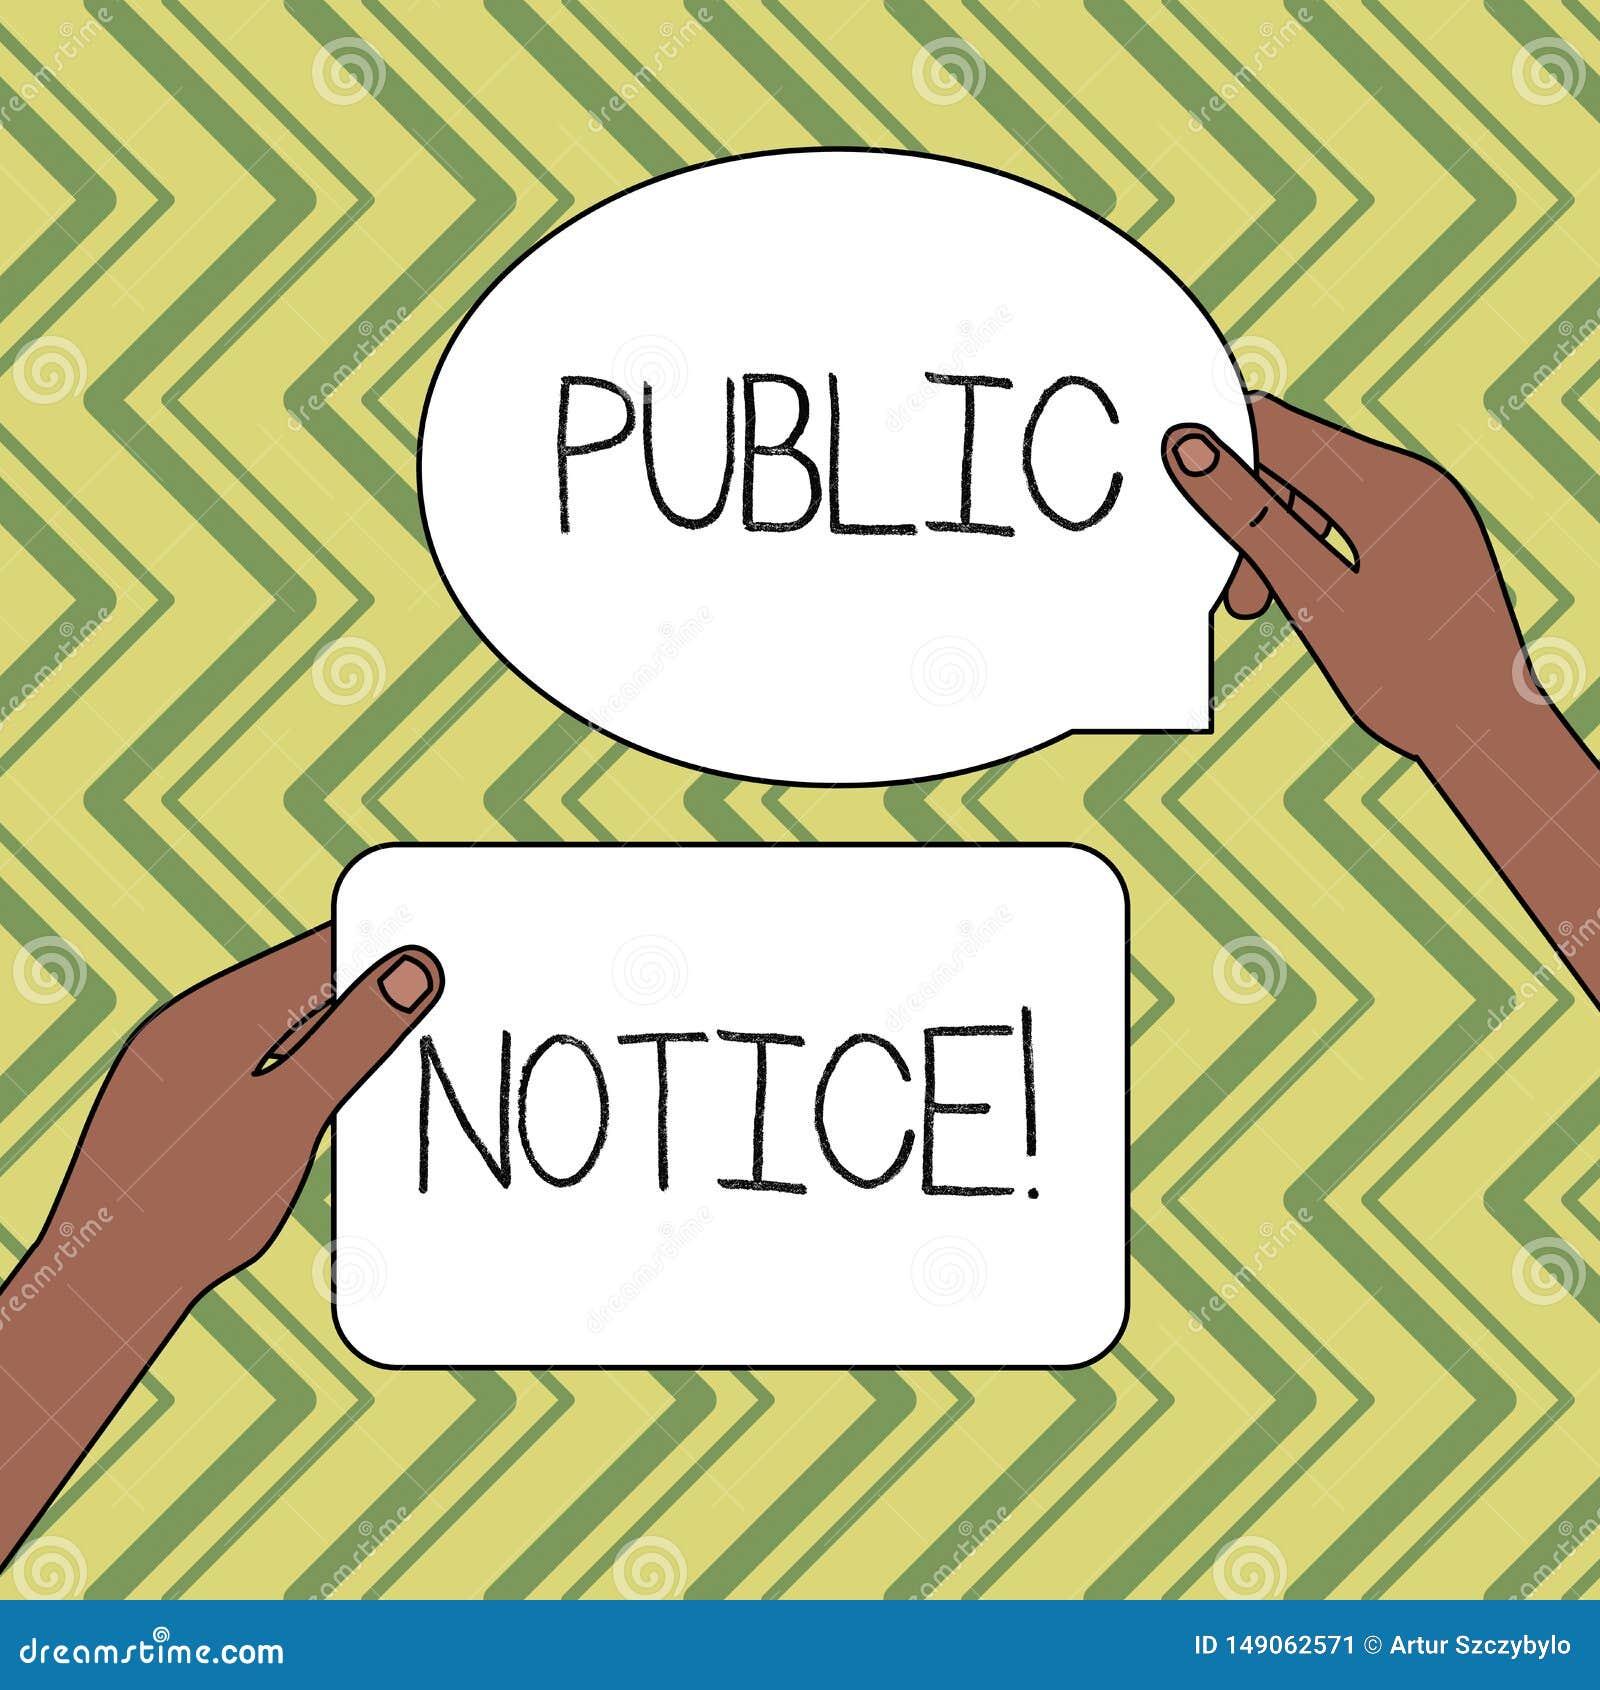 Public Notice Stock Illustrations – 5,084 Public Notice Stock  Illustrations, Vectors & Clipart - Dreamstime